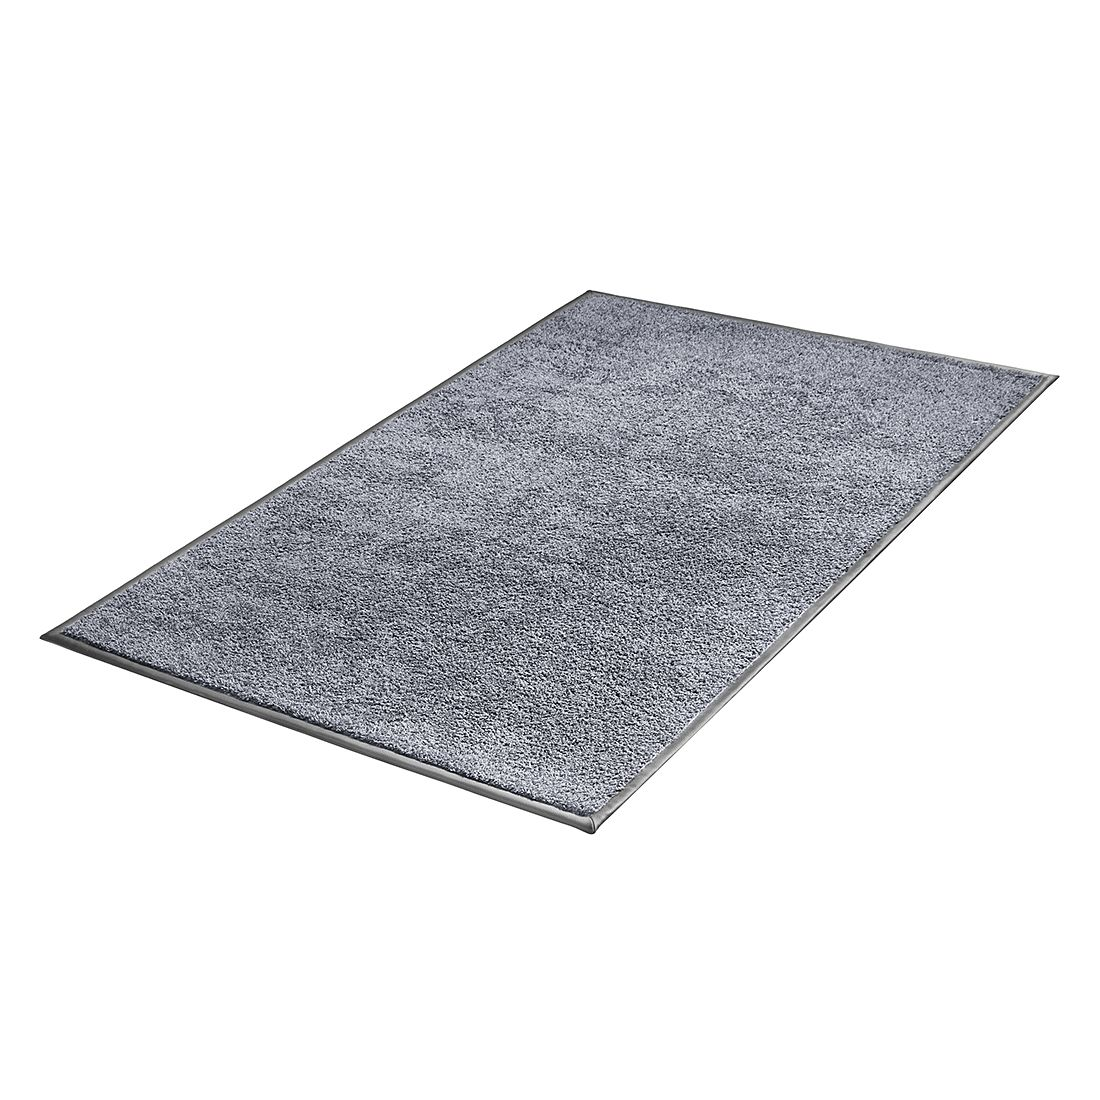 Teppich Noblesse Exclusiv – Grau – 67 x 133 cm, DEKOWE günstig online kaufen